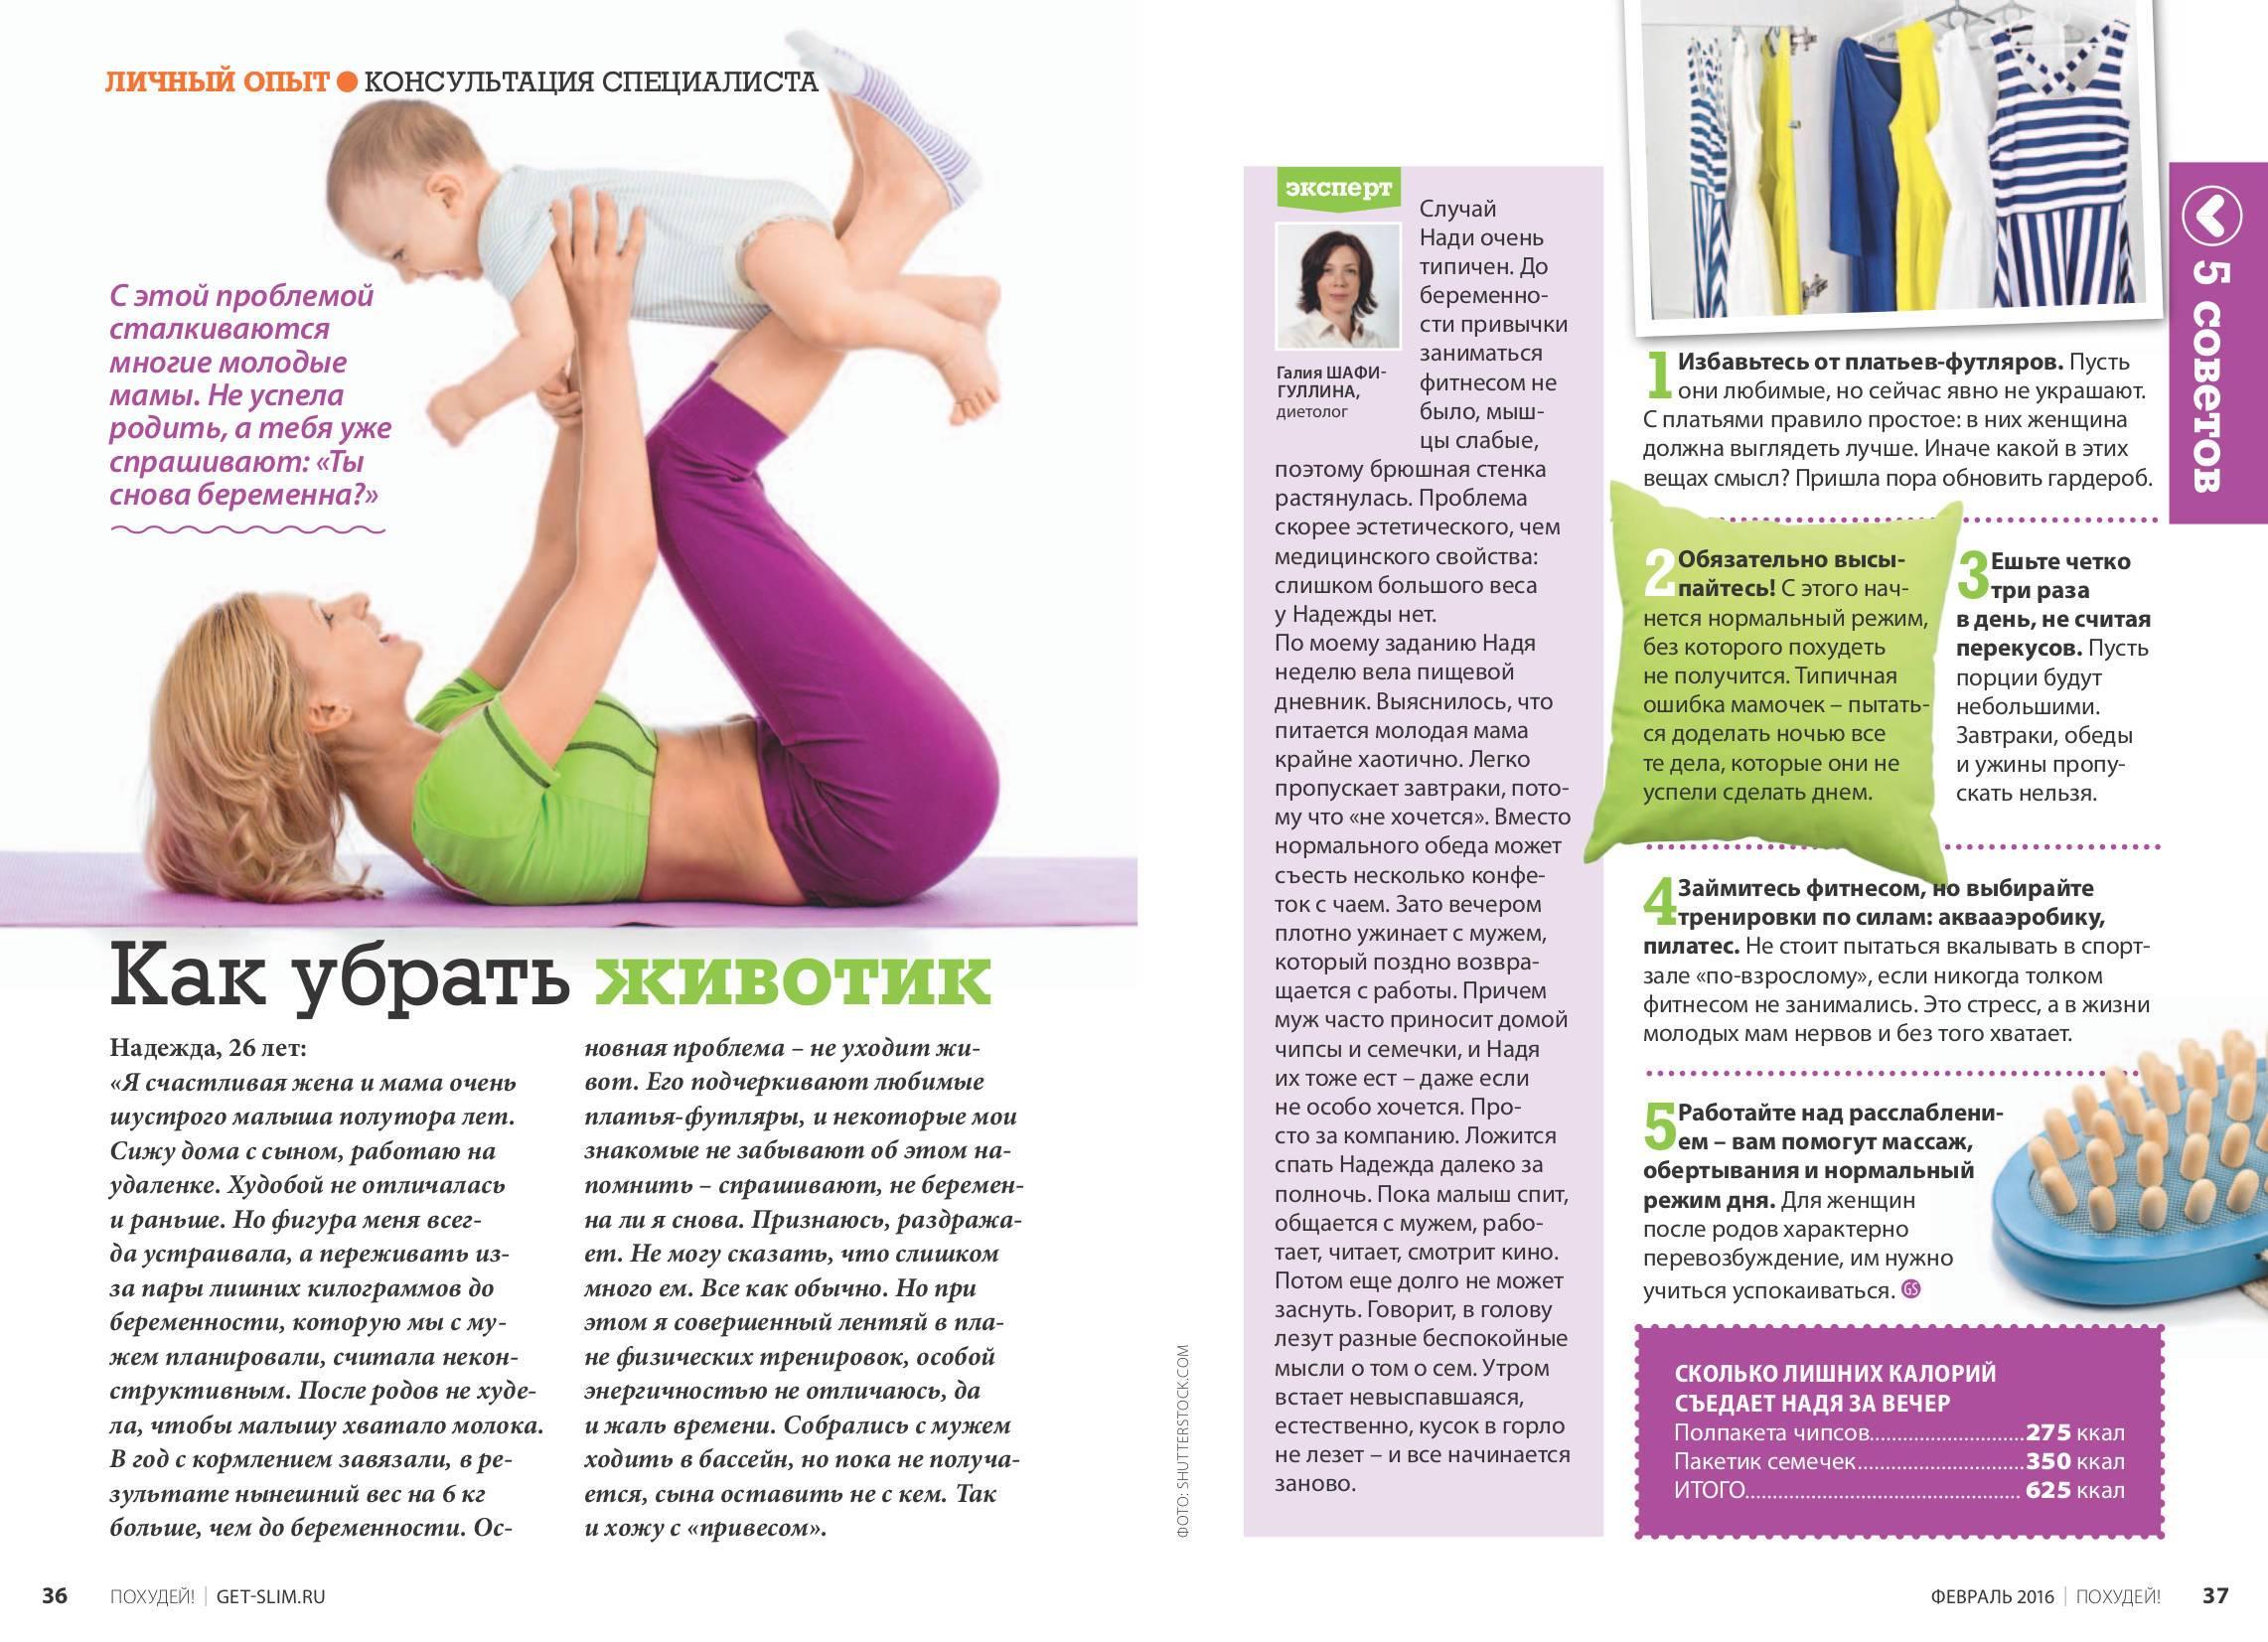 Диета для похудения для кормящих мам при лактации при гв: меню по дням на неделю, сколько нужно калорий